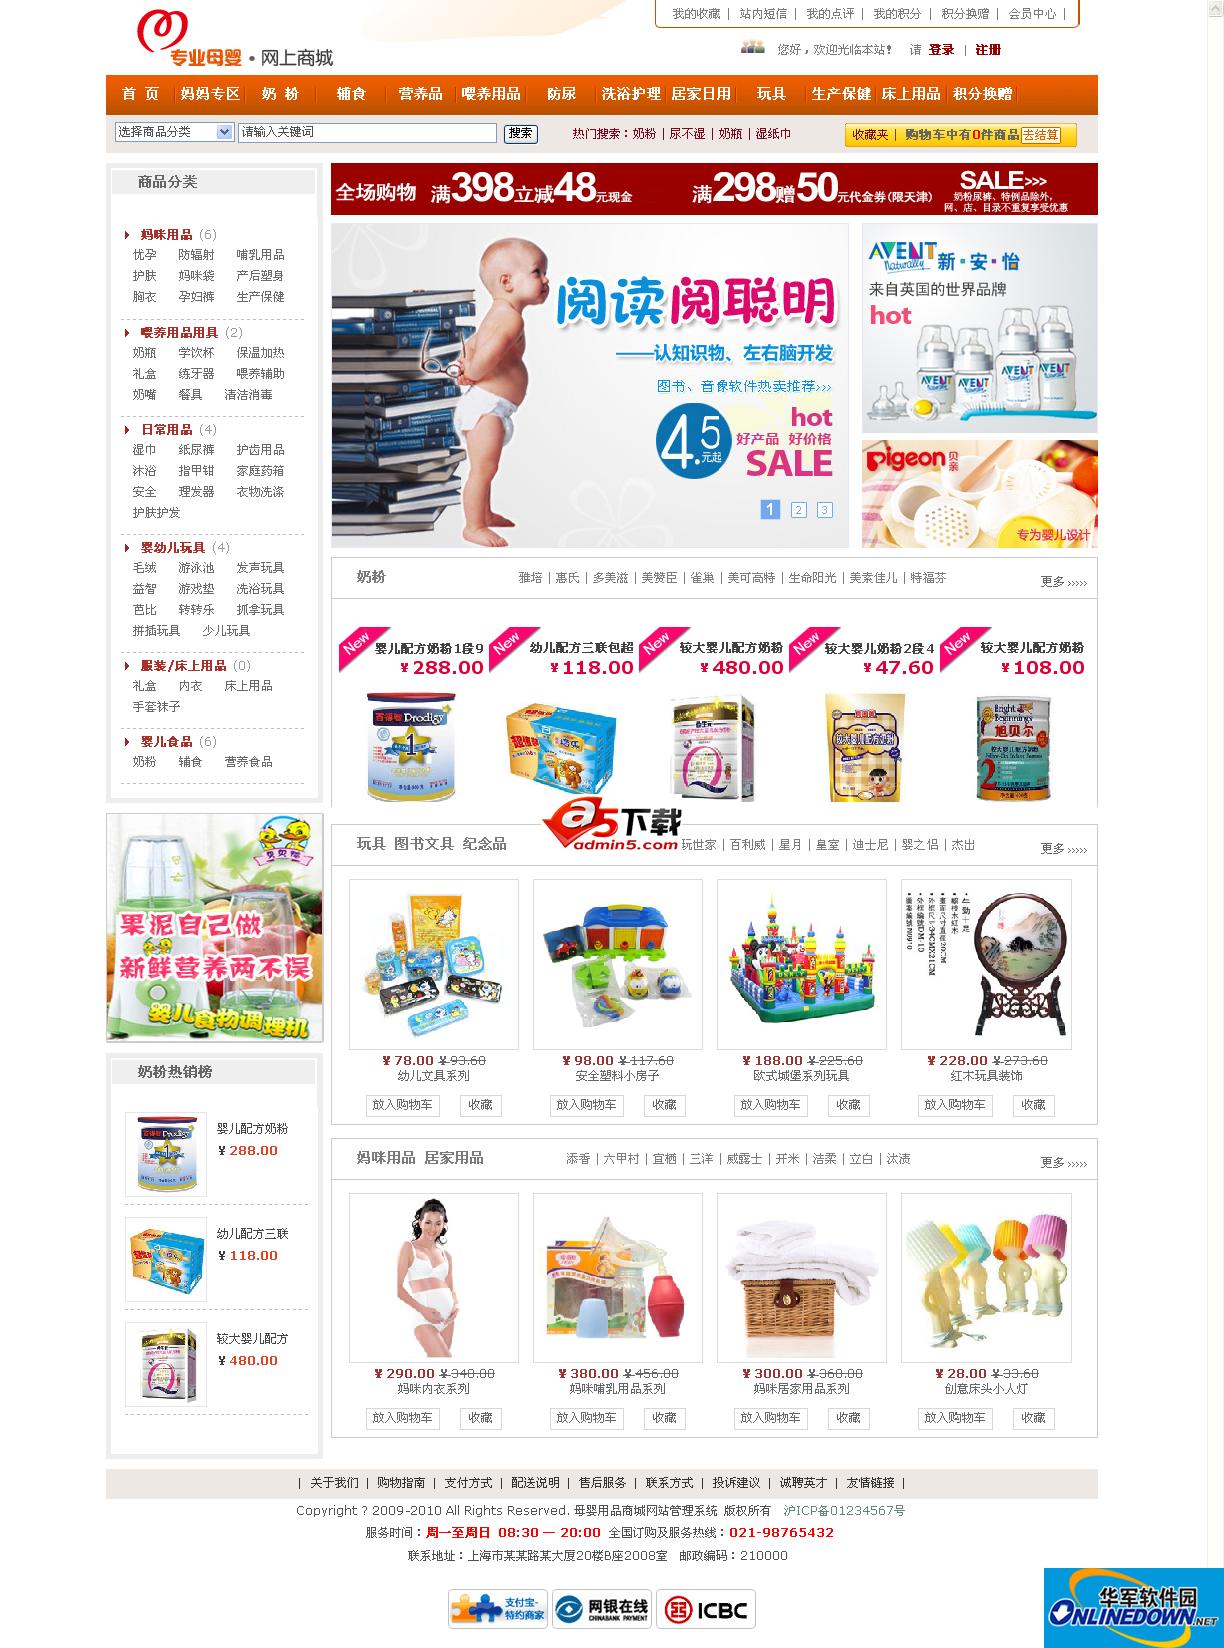 母婴商城网站源码